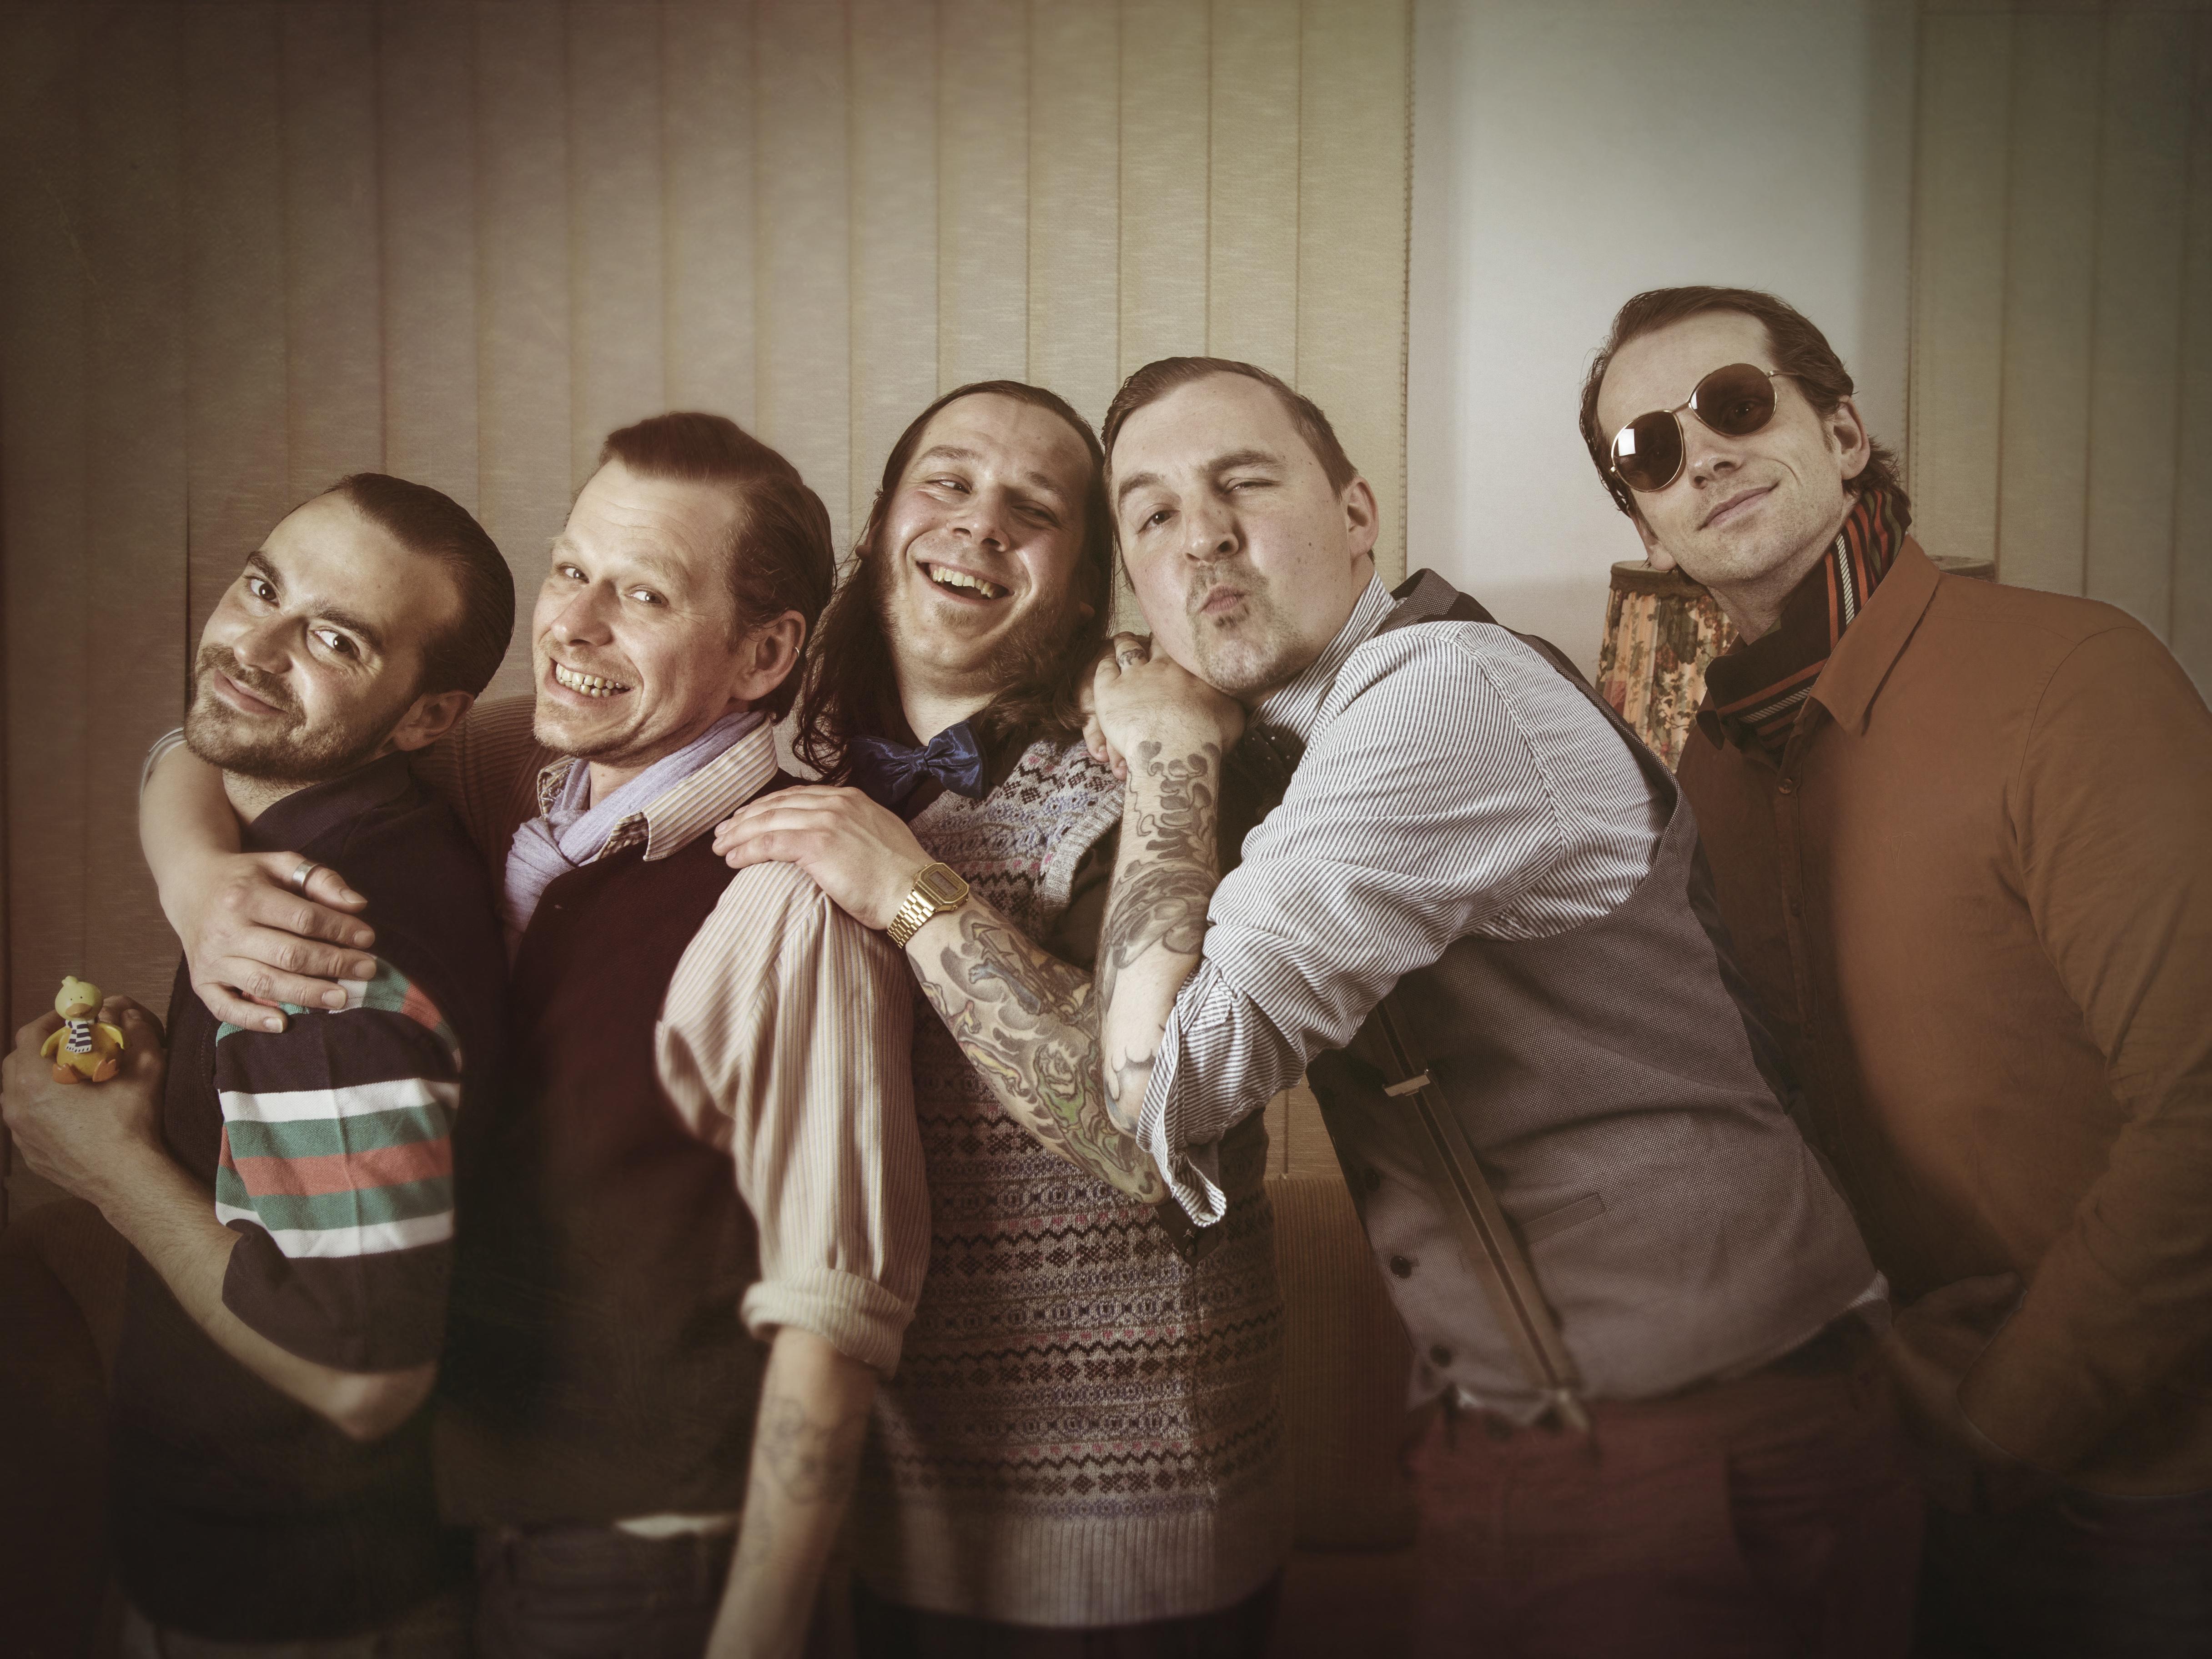 Gruppenfoto 3